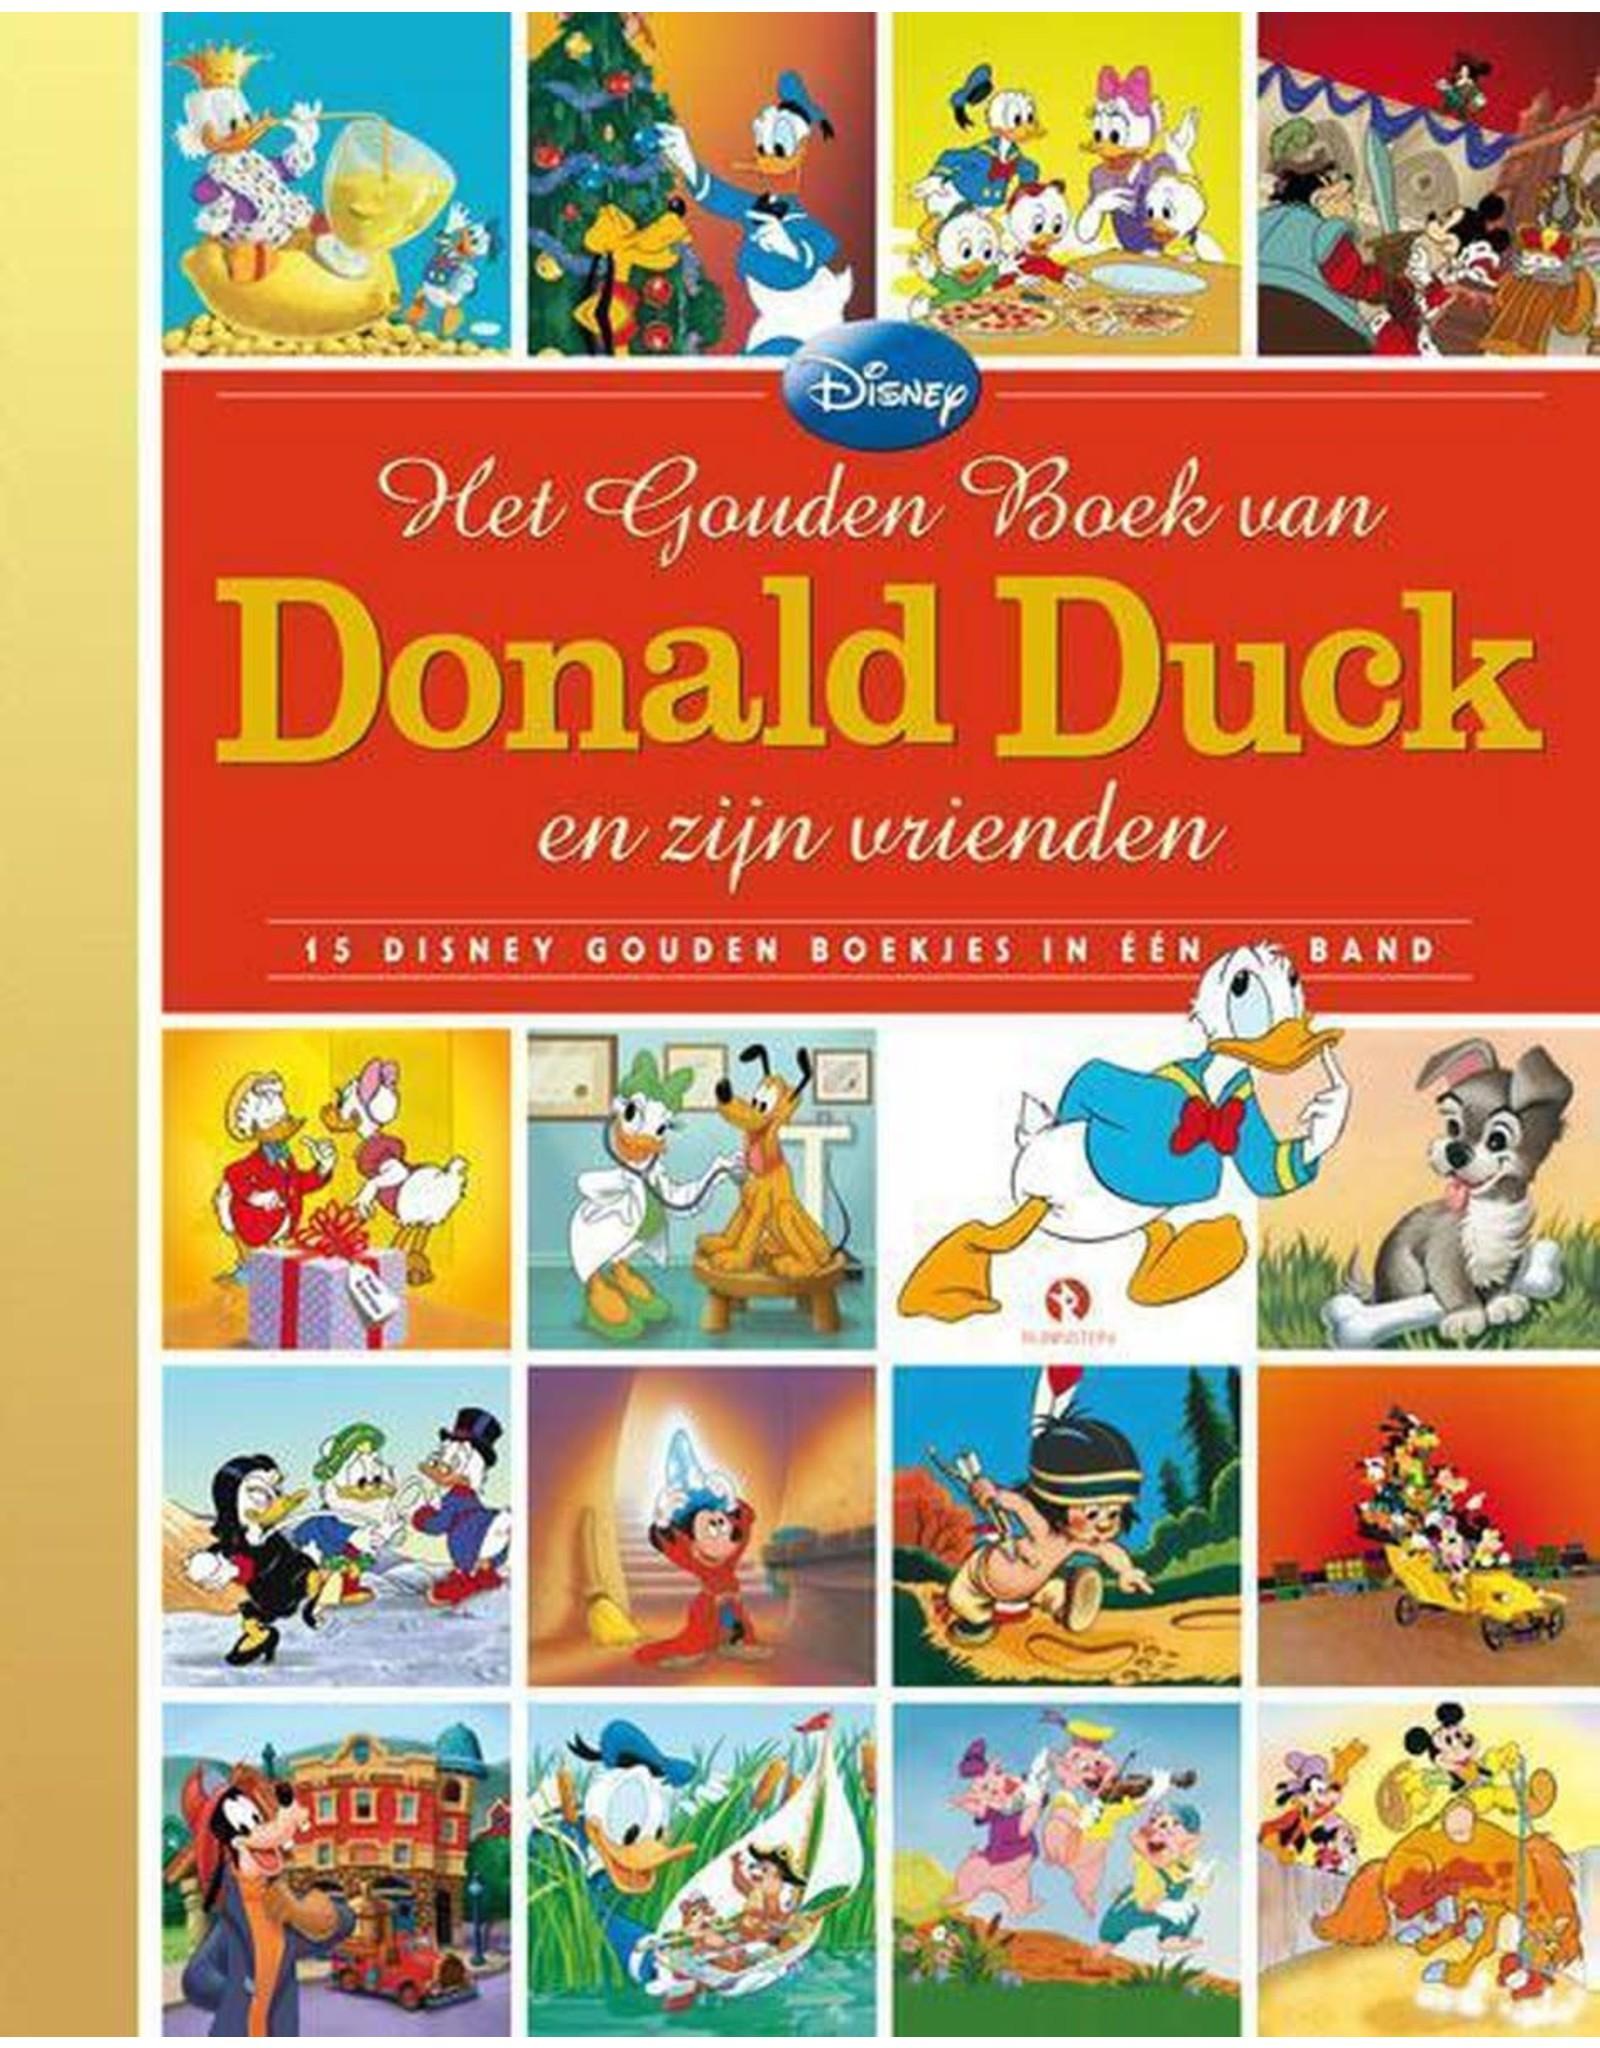 Gouden Boekjes Het Gouden Boek van Donald Duck en zijn vrienden